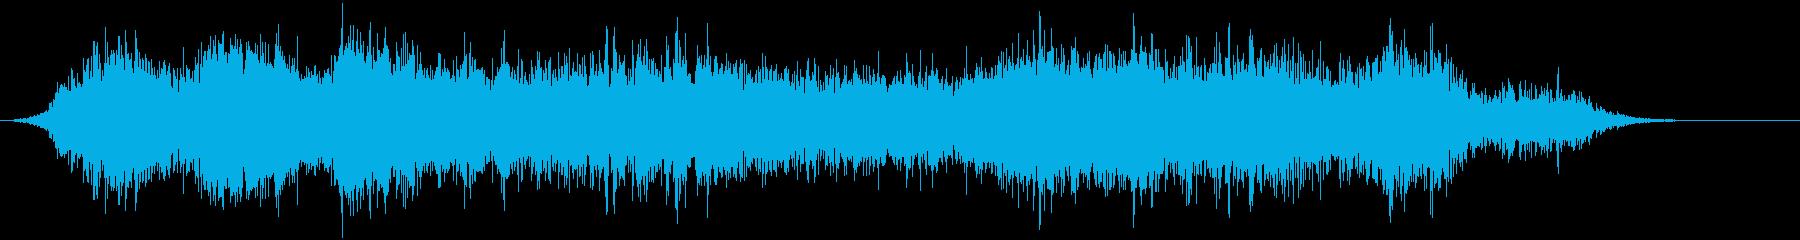 音楽:不気味なホラーオーケストラ、...の再生済みの波形